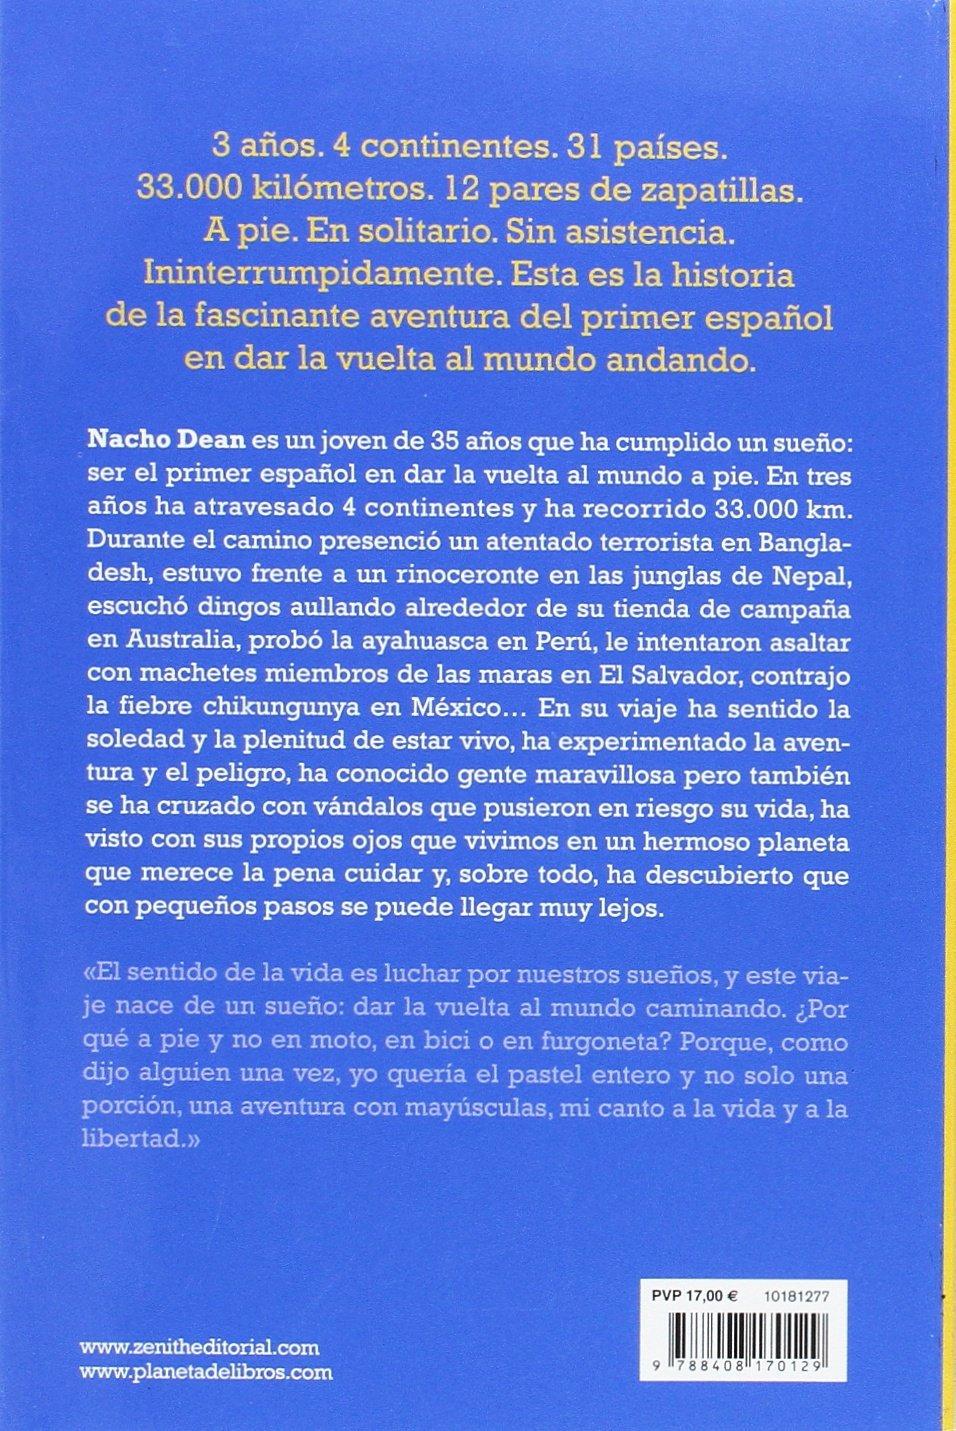 Libre y salvaje: La gran aventura de la vuelta al mundo a pie: Ignacio Dean: 9788408170129: Amazon.com: Books